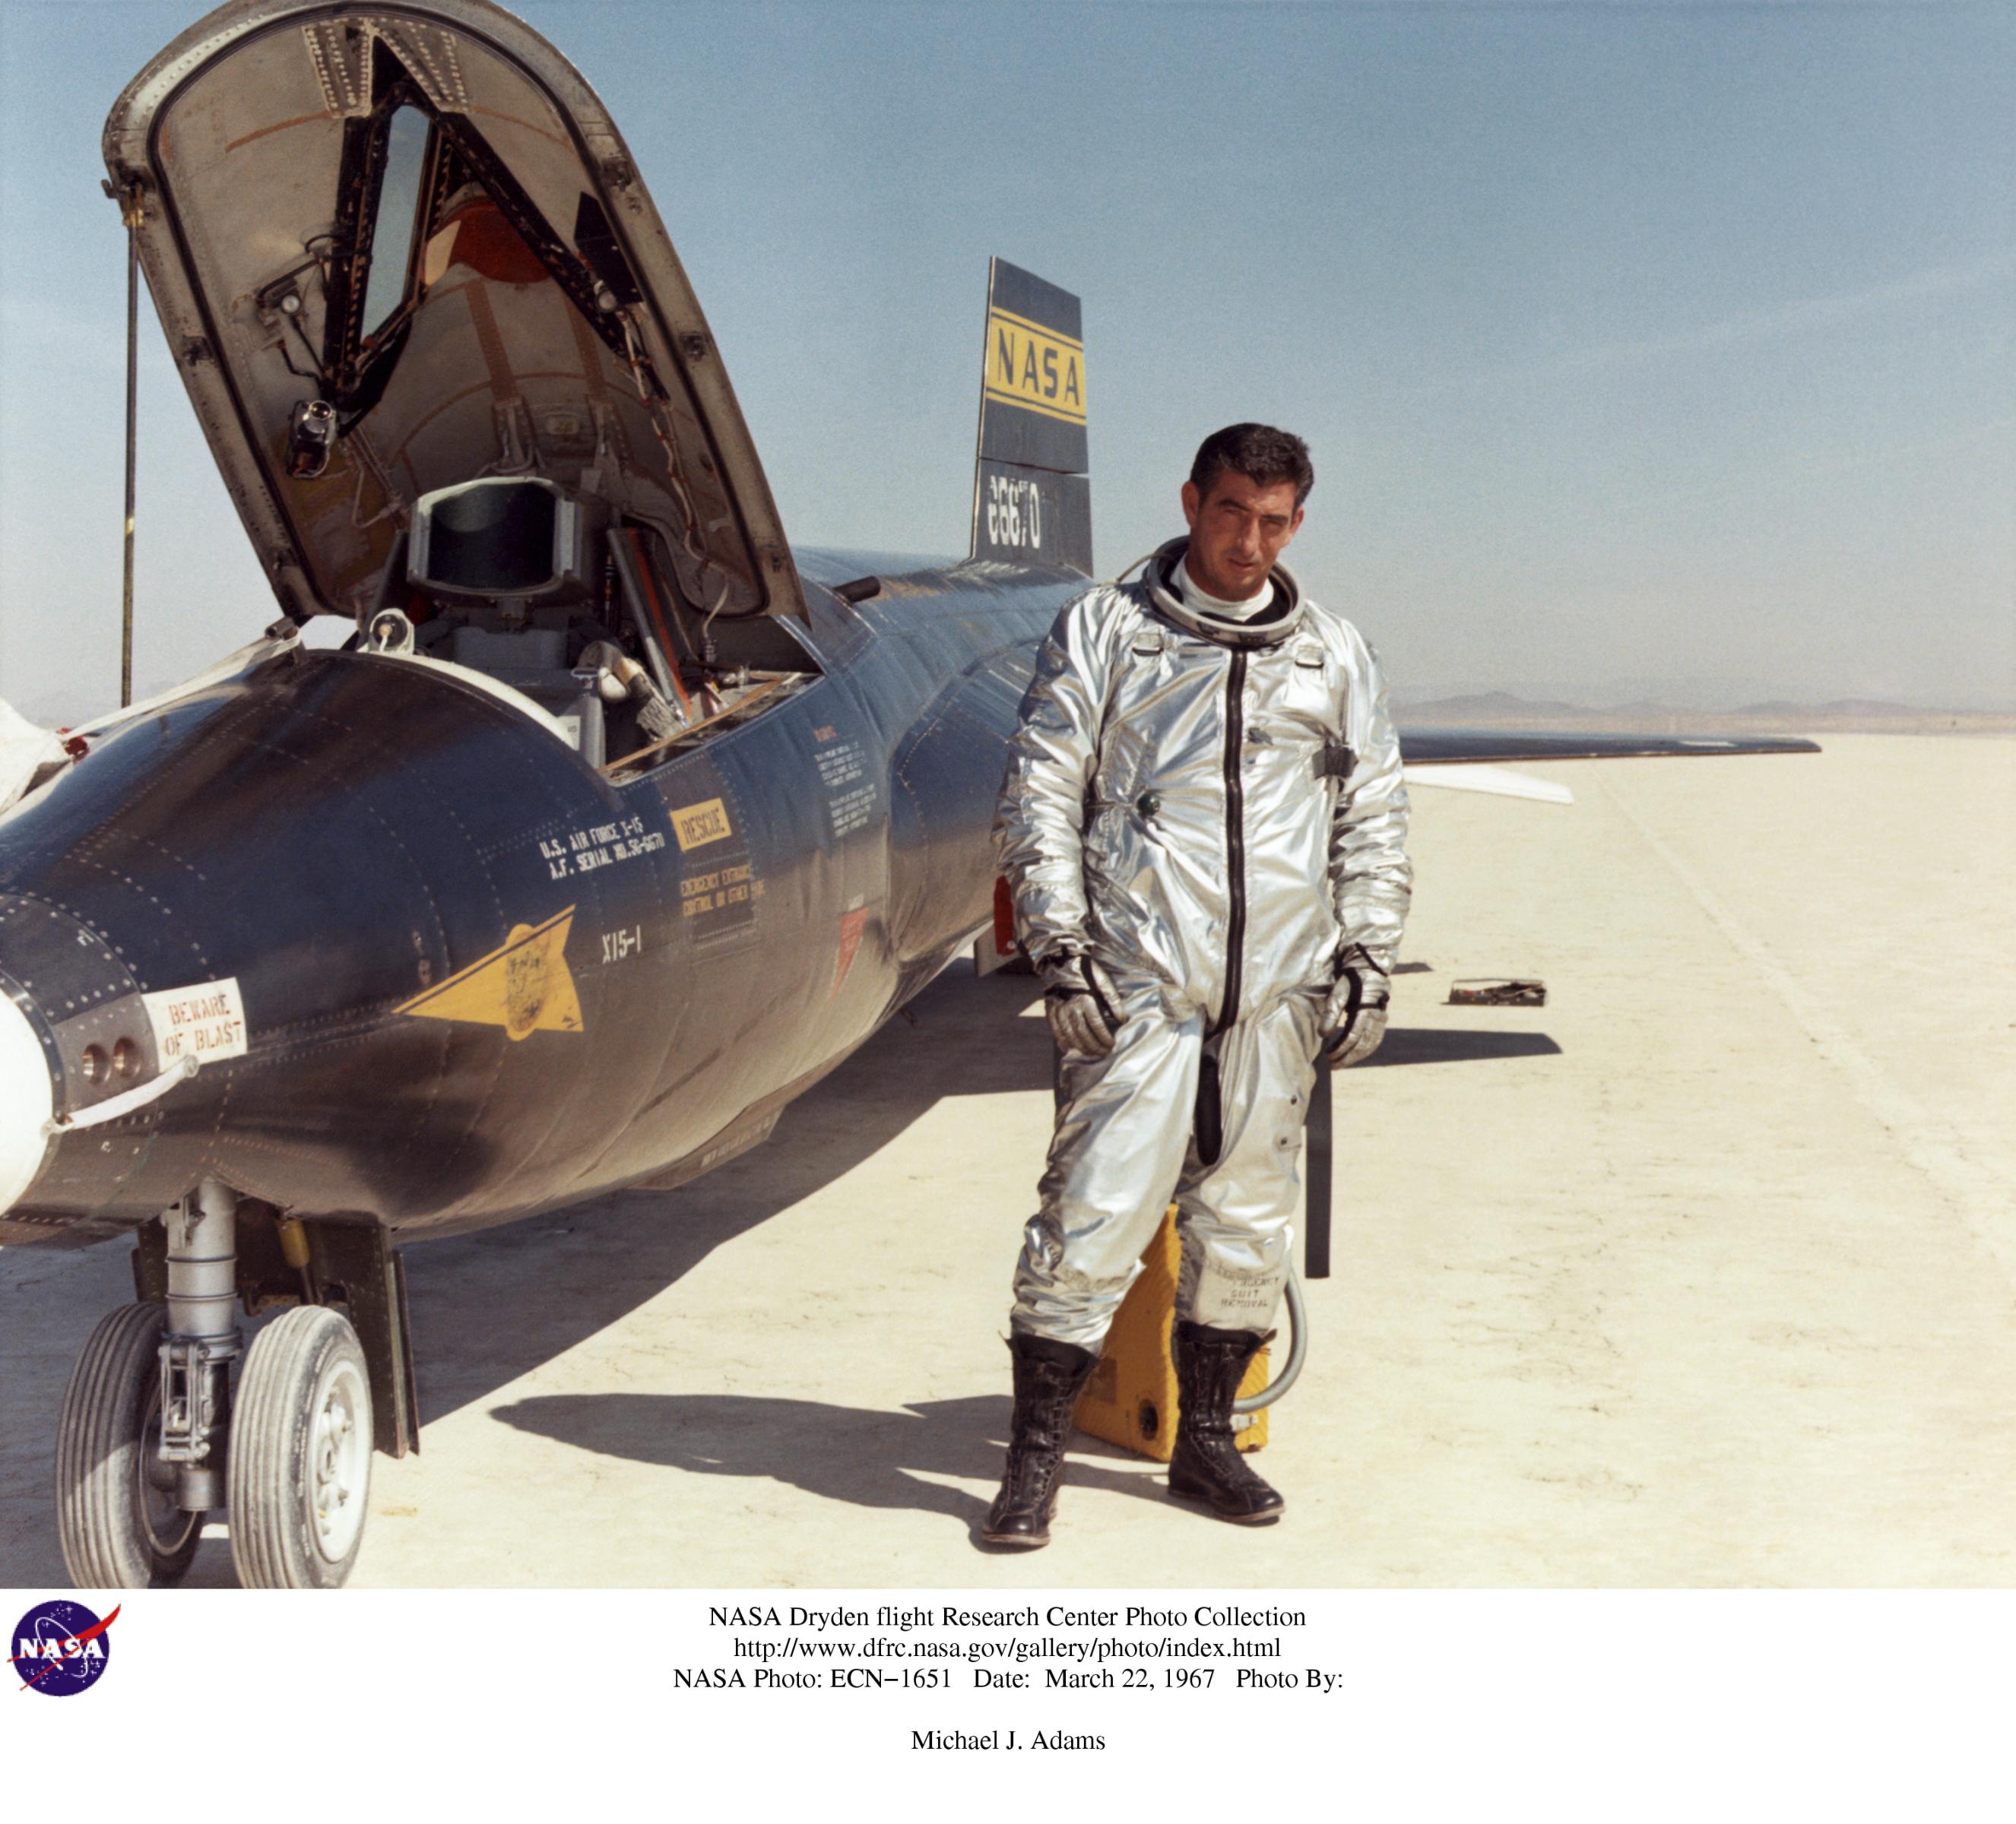 Pilots ECN-1651: NASA Dryden test pilot Michael J. Adams